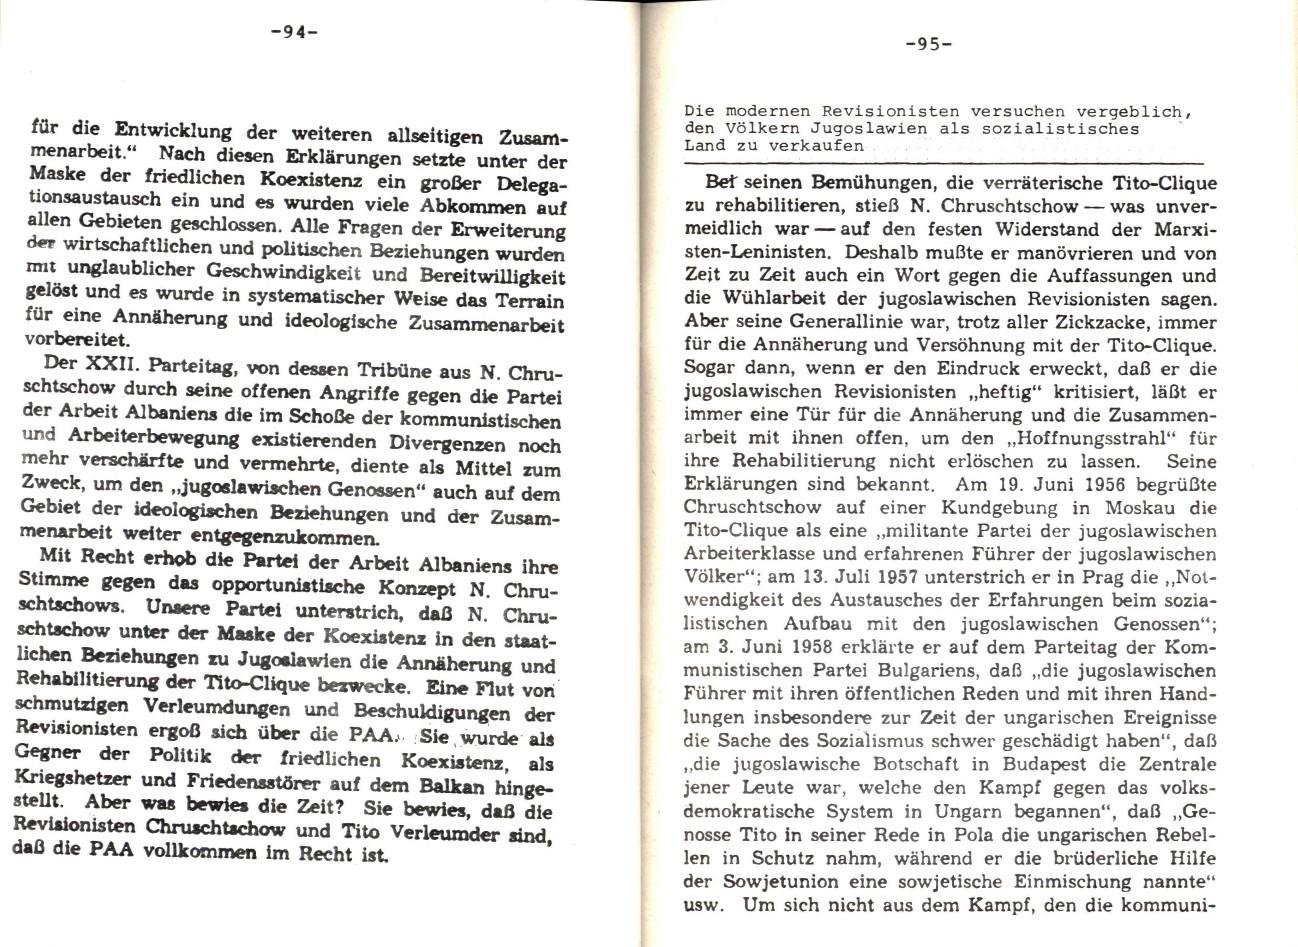 MLSK_Theorie_und_Praxis_des_ML_1979_24_49